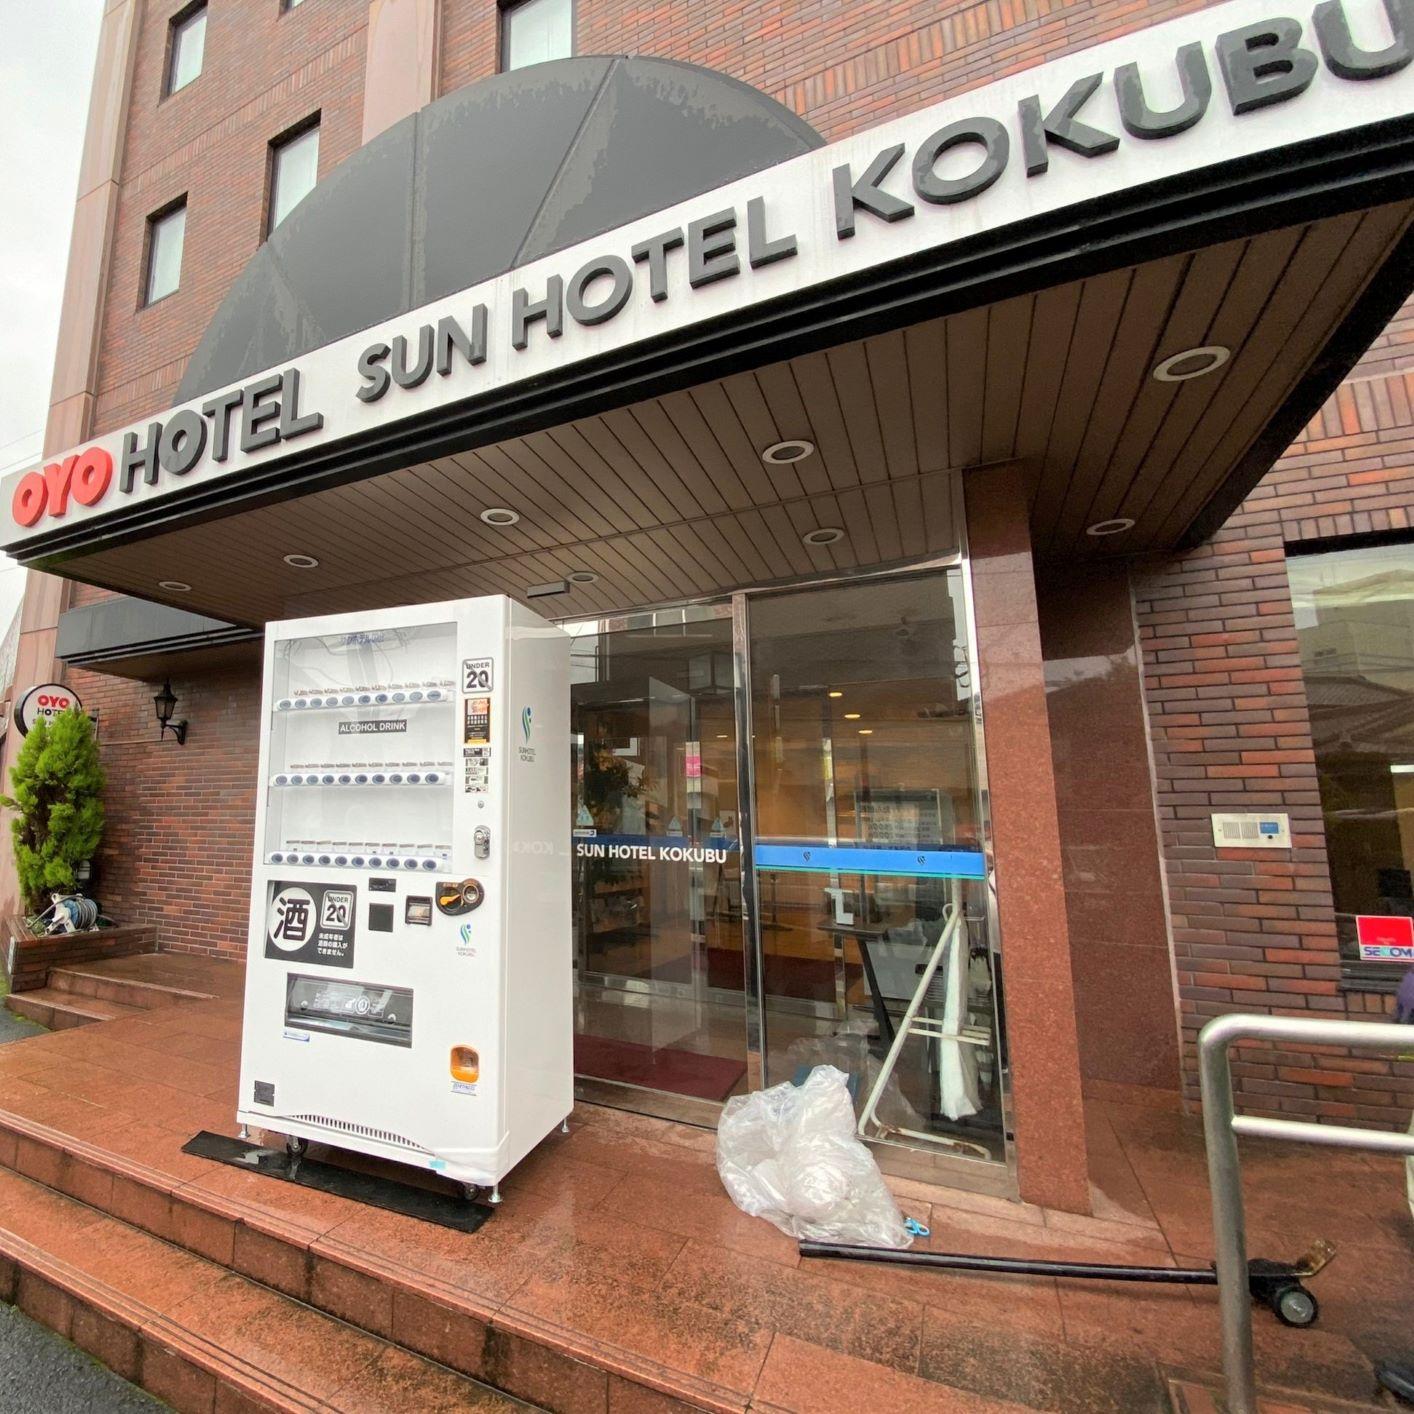 ホテルビール自販機 でマスクや除菌グッズを販売!|OYOサンホテル国分様の導入事例